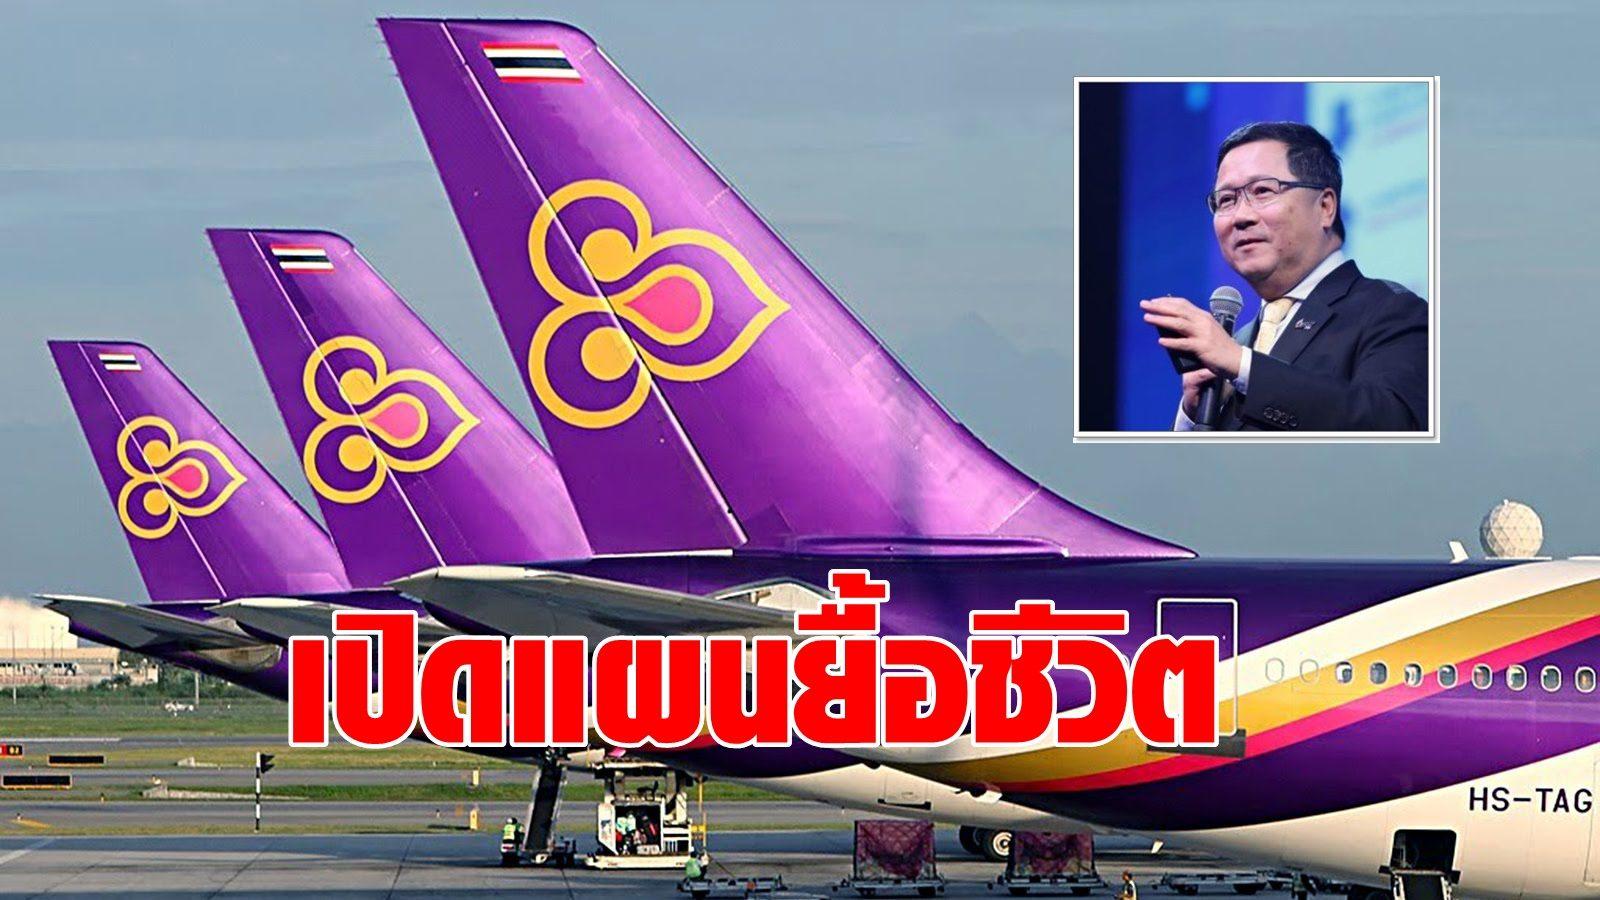 การบินไทย ขายตึกลูกเรือหลักสี่ หาเงินต่อชีวิตถึง ก.ค.-ดีดี แจงยิบแผนฟื้นฟู มั่นใจฉลุยหลังเจ้าหนี้ลดค่าเช่า 50%